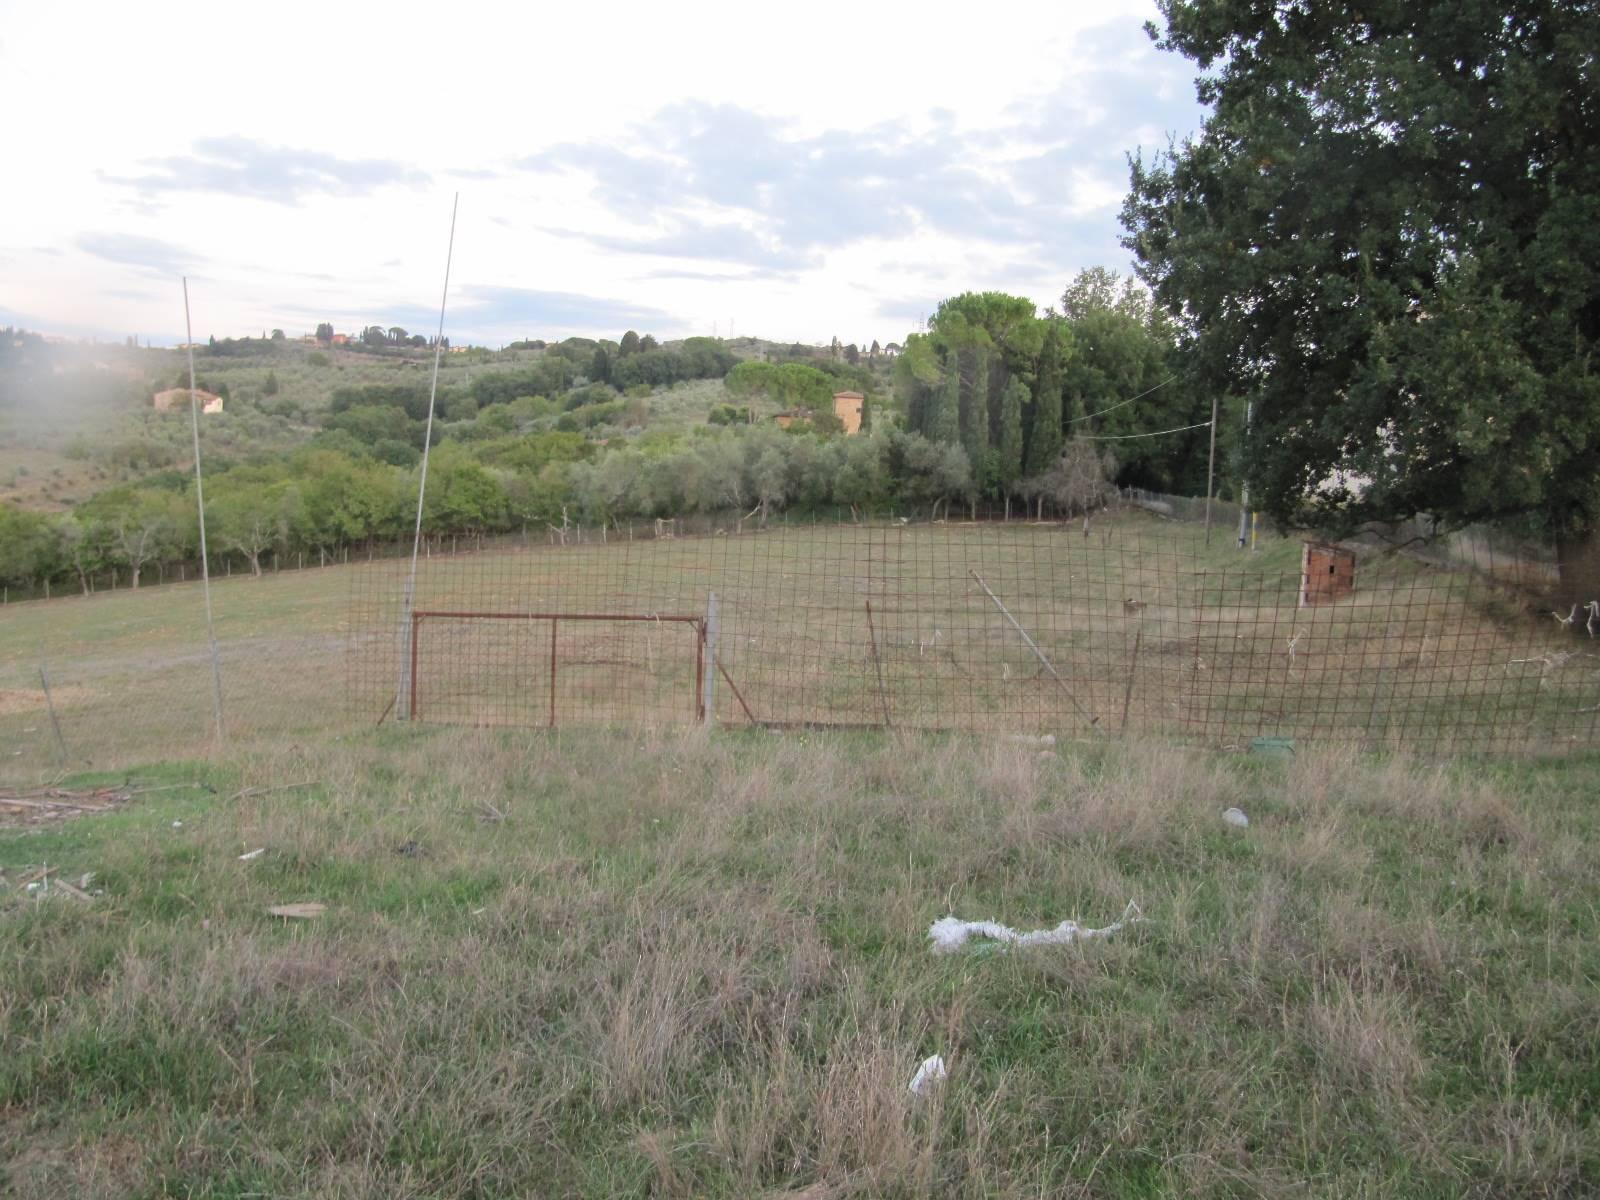 Terreno Agricolo in vendita a Impruneta, 9999 locali, zona Località: BARUFFI, prezzo € 300.000 | CambioCasa.it